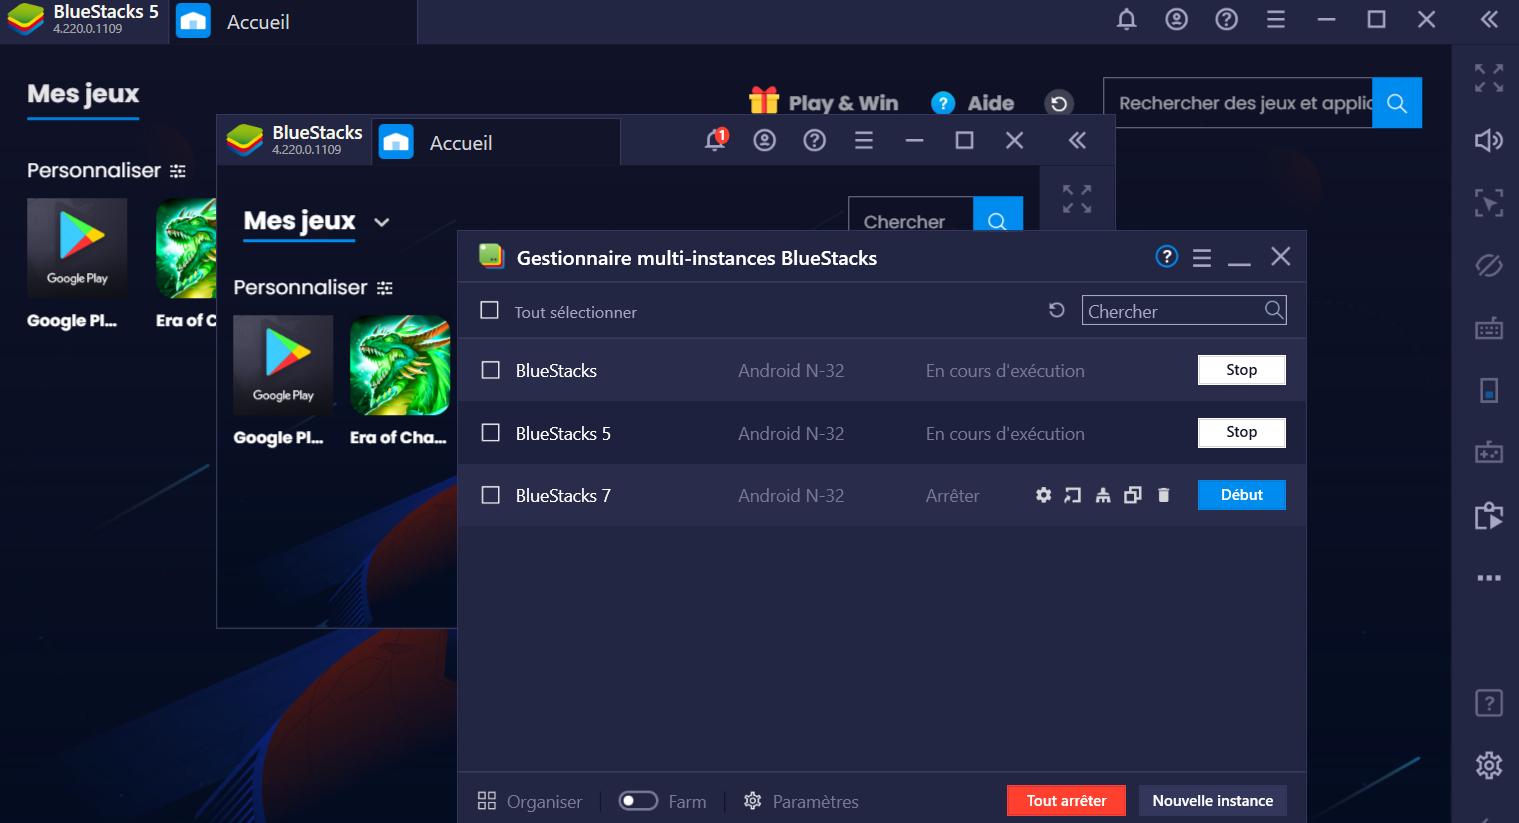 Les fonctionnalités BlueStacks – Du gameplay décuplé avec le synchronisateur d'instances